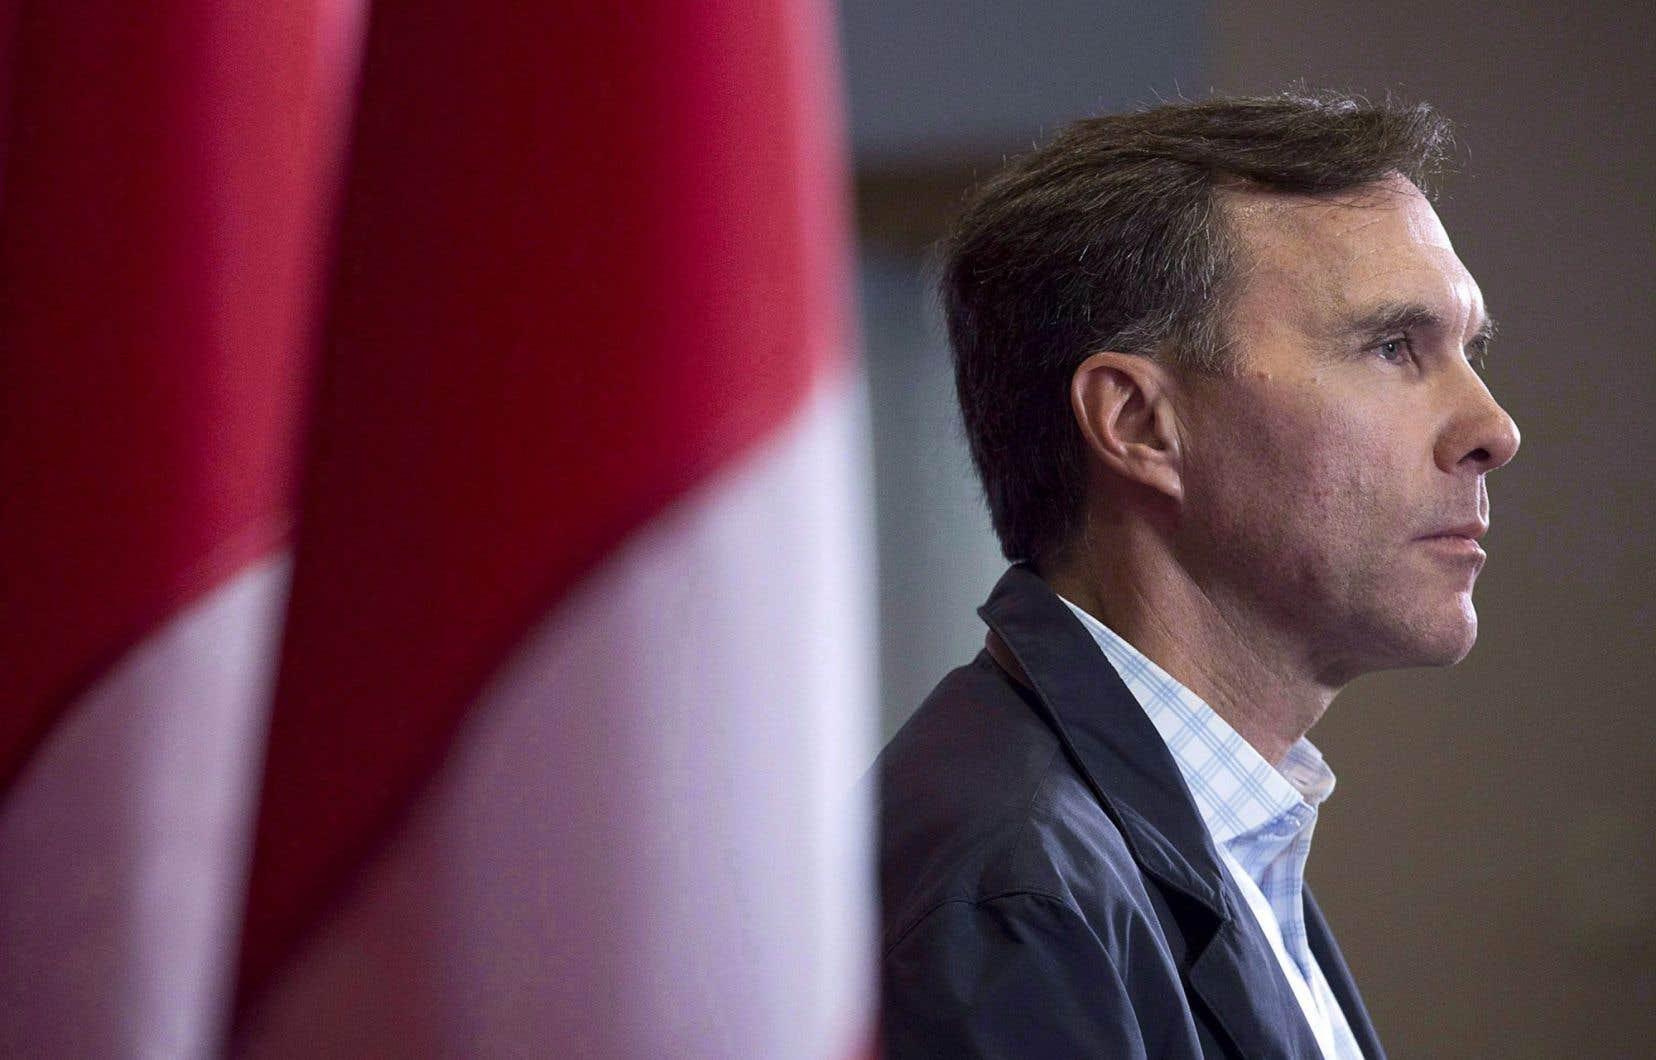 Le ministre des Finances, Bill Morneau, invite les citoyens à ne rien changer à leur planification fiscale ou à leur succession tant et aussi longtemps que son projet de loi ne sera pas rédigé.